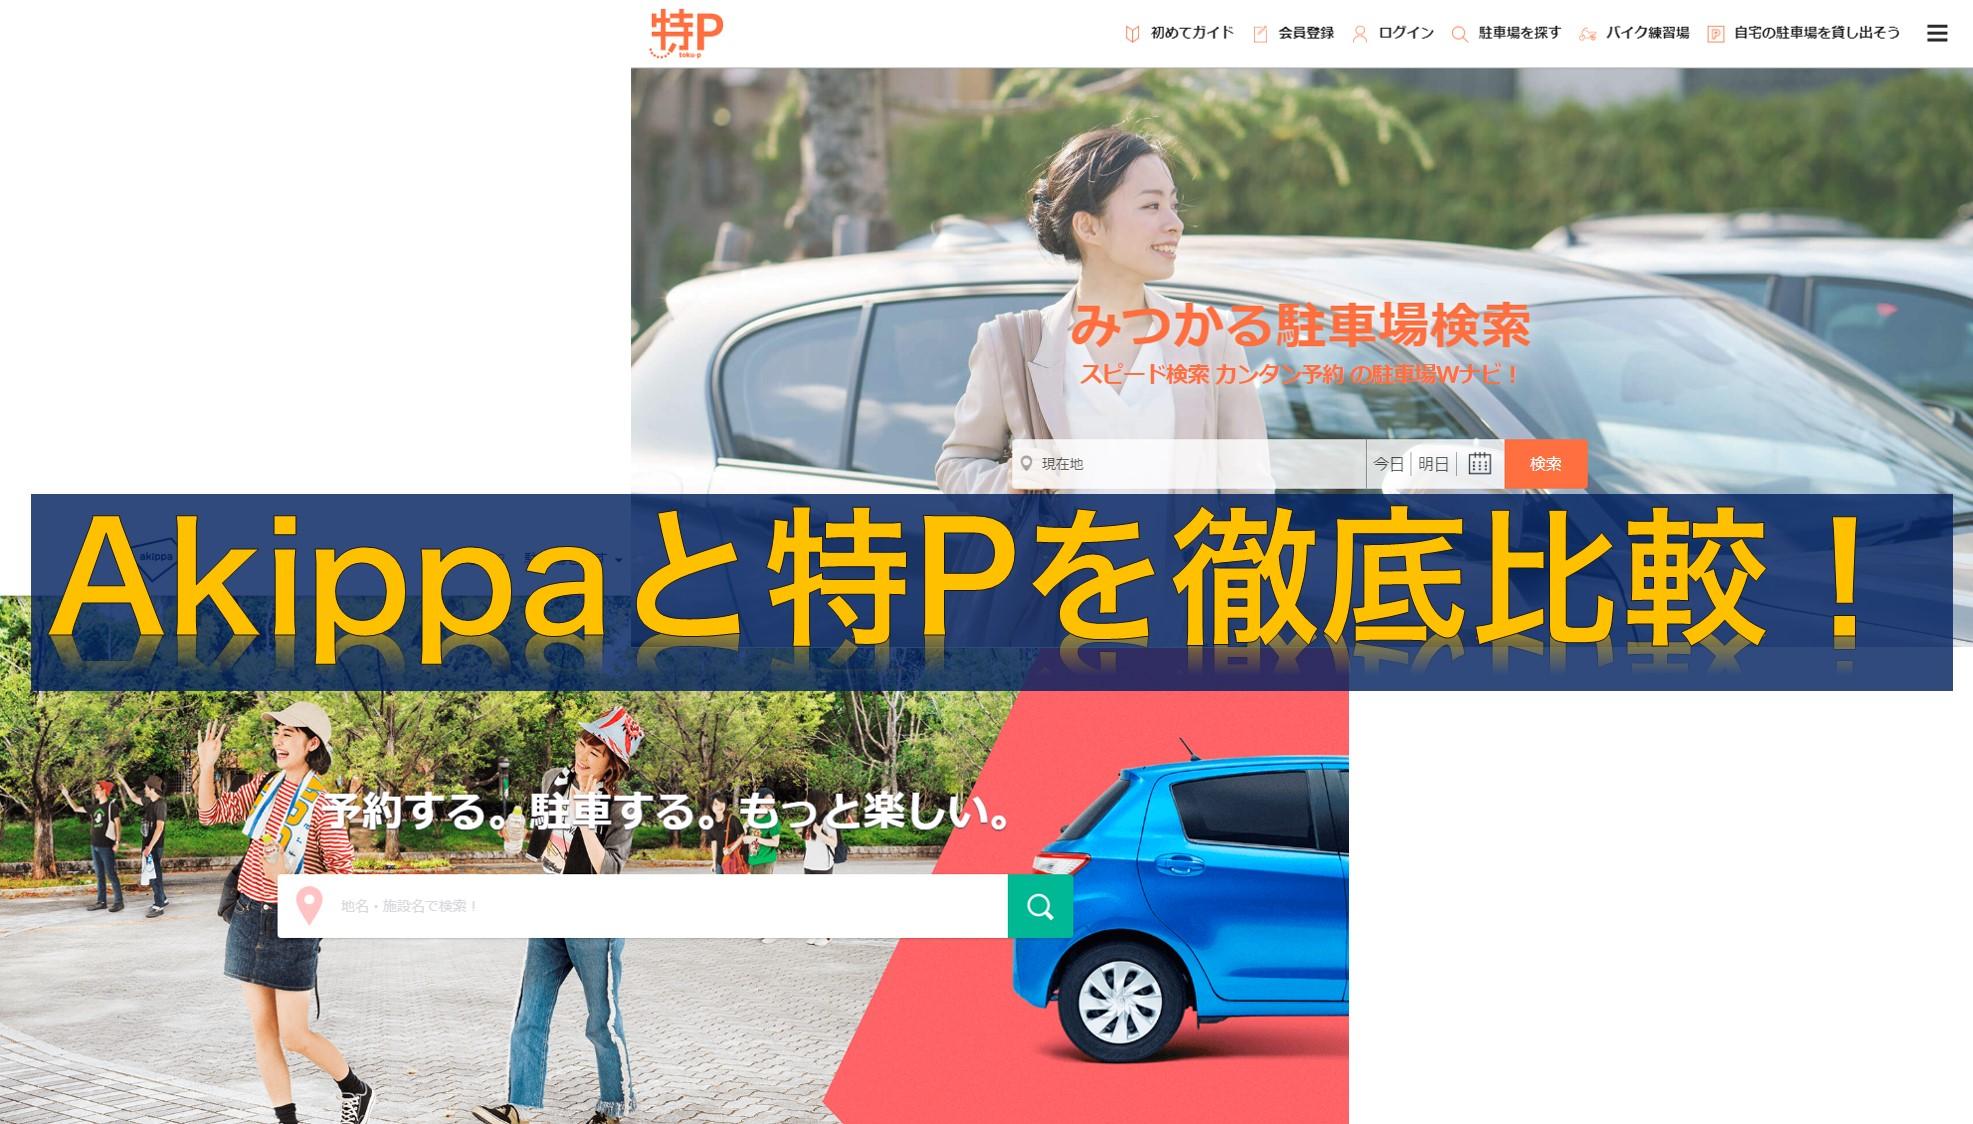 駐車場シェアサービスのakippa(あきっぱ)と特P(とくぴー)を徹底比較